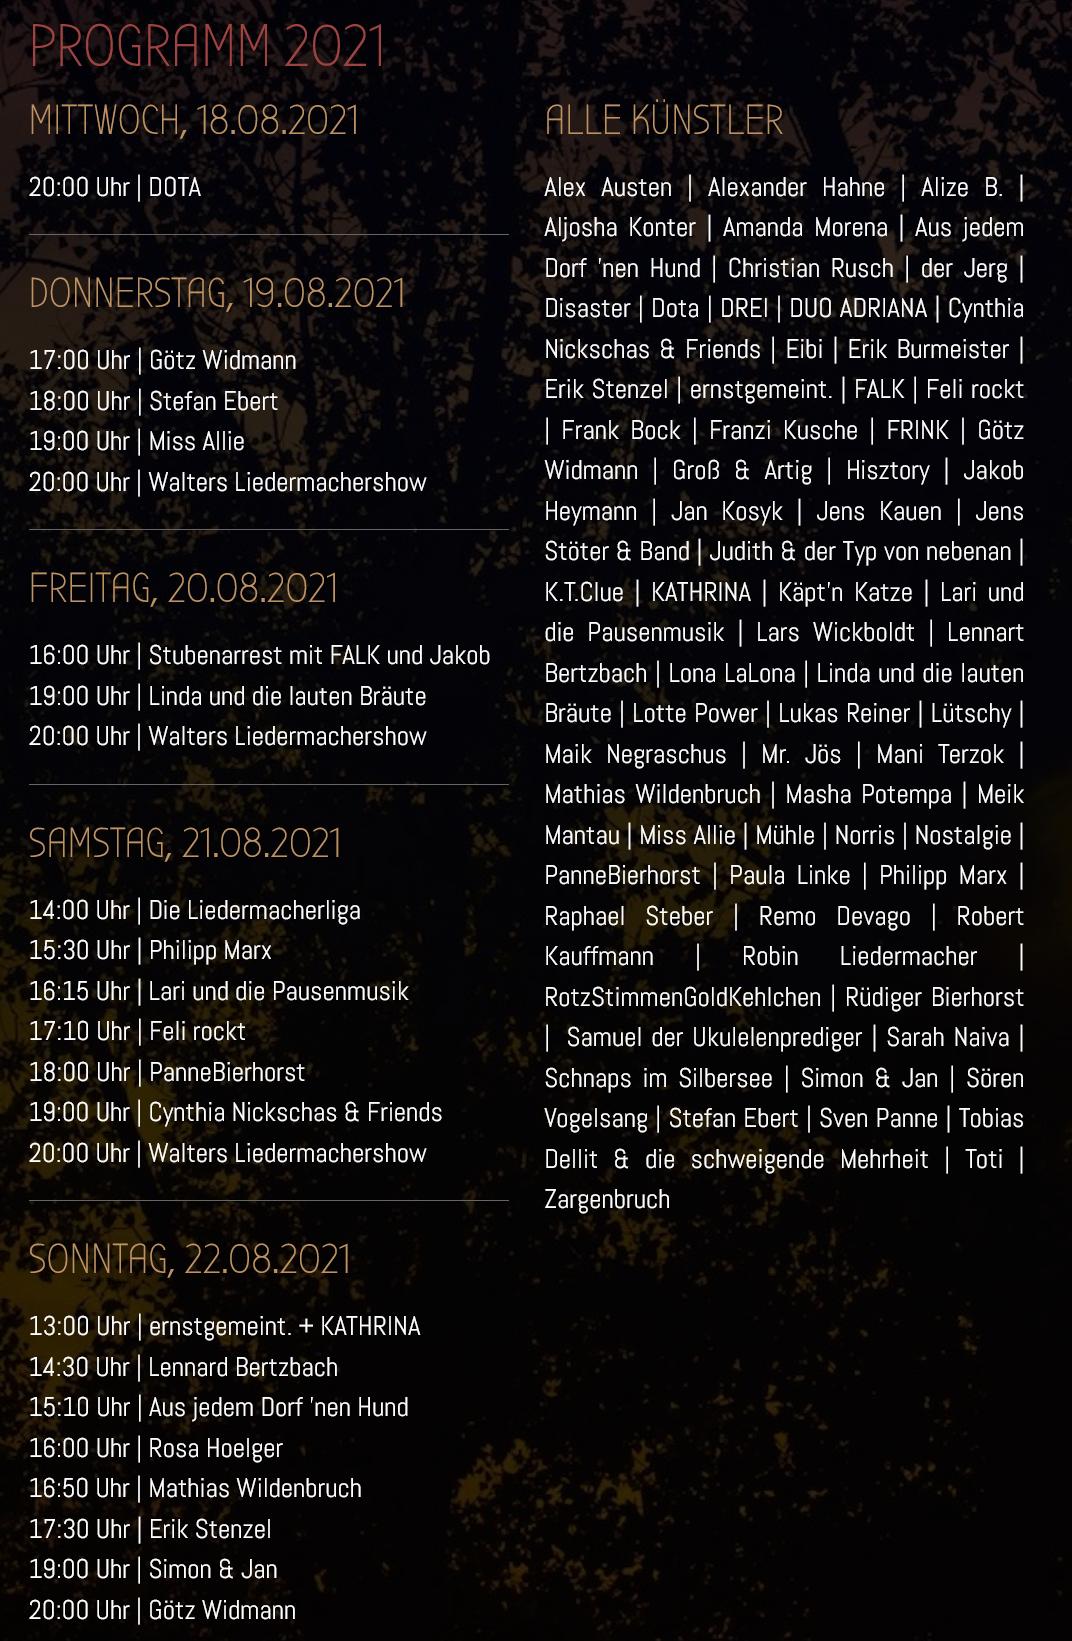 Screenshot 2021-08-06 at 21-23-10 Programm 2021.png